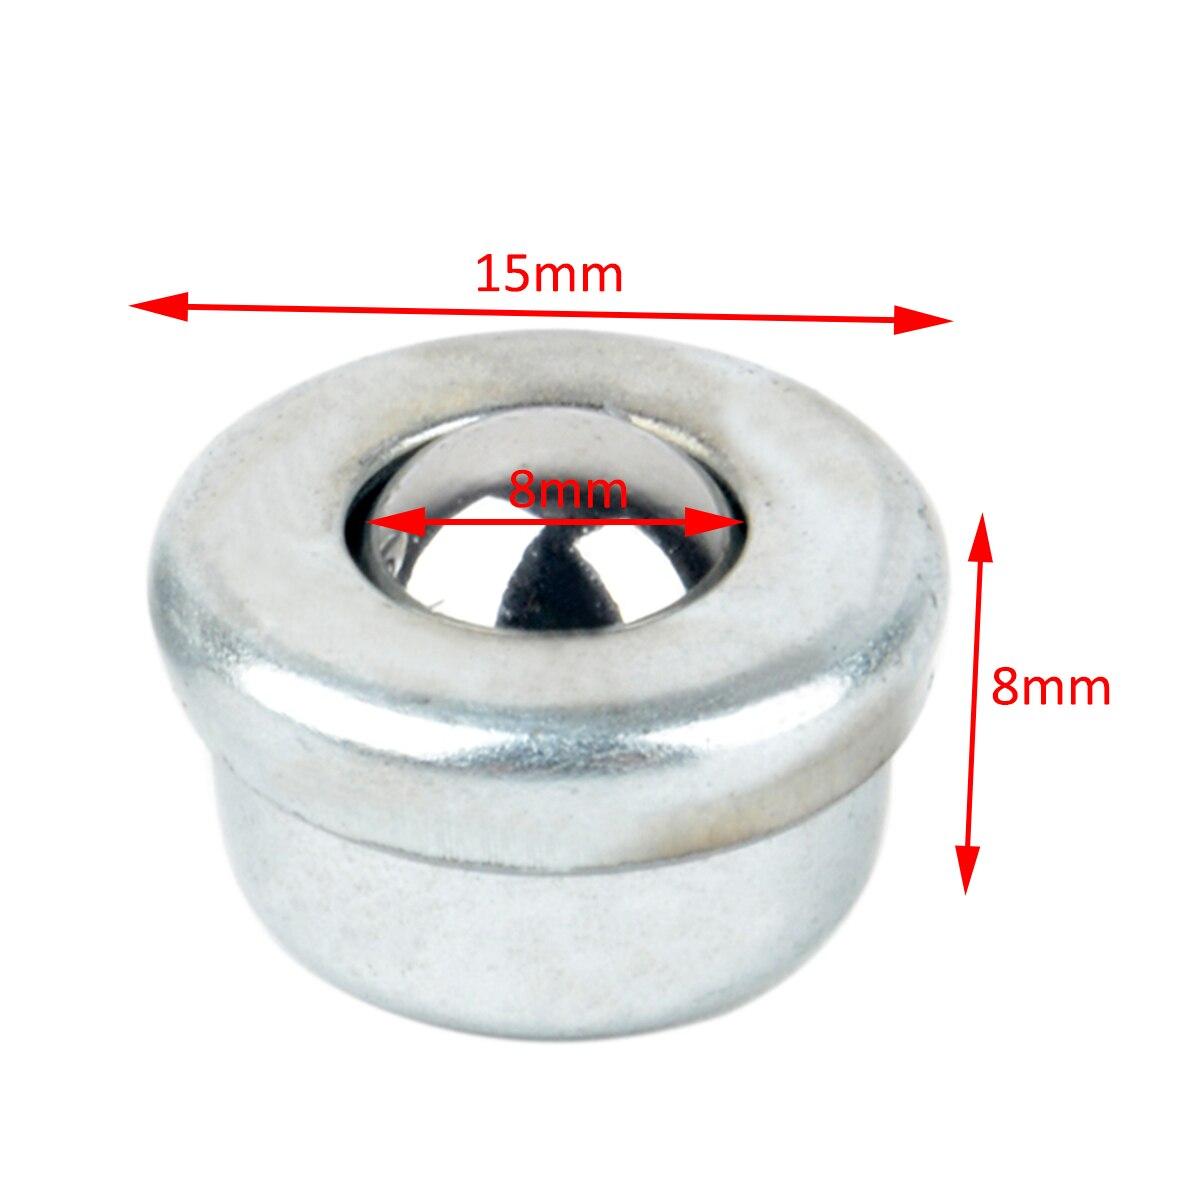 10 шт. металлический CY-8H 8 мм Серебряный мячик подшипник передачи блок конвейер роликовые колеса небольшой плоский круглый глаз колеса транспортировочный мяч